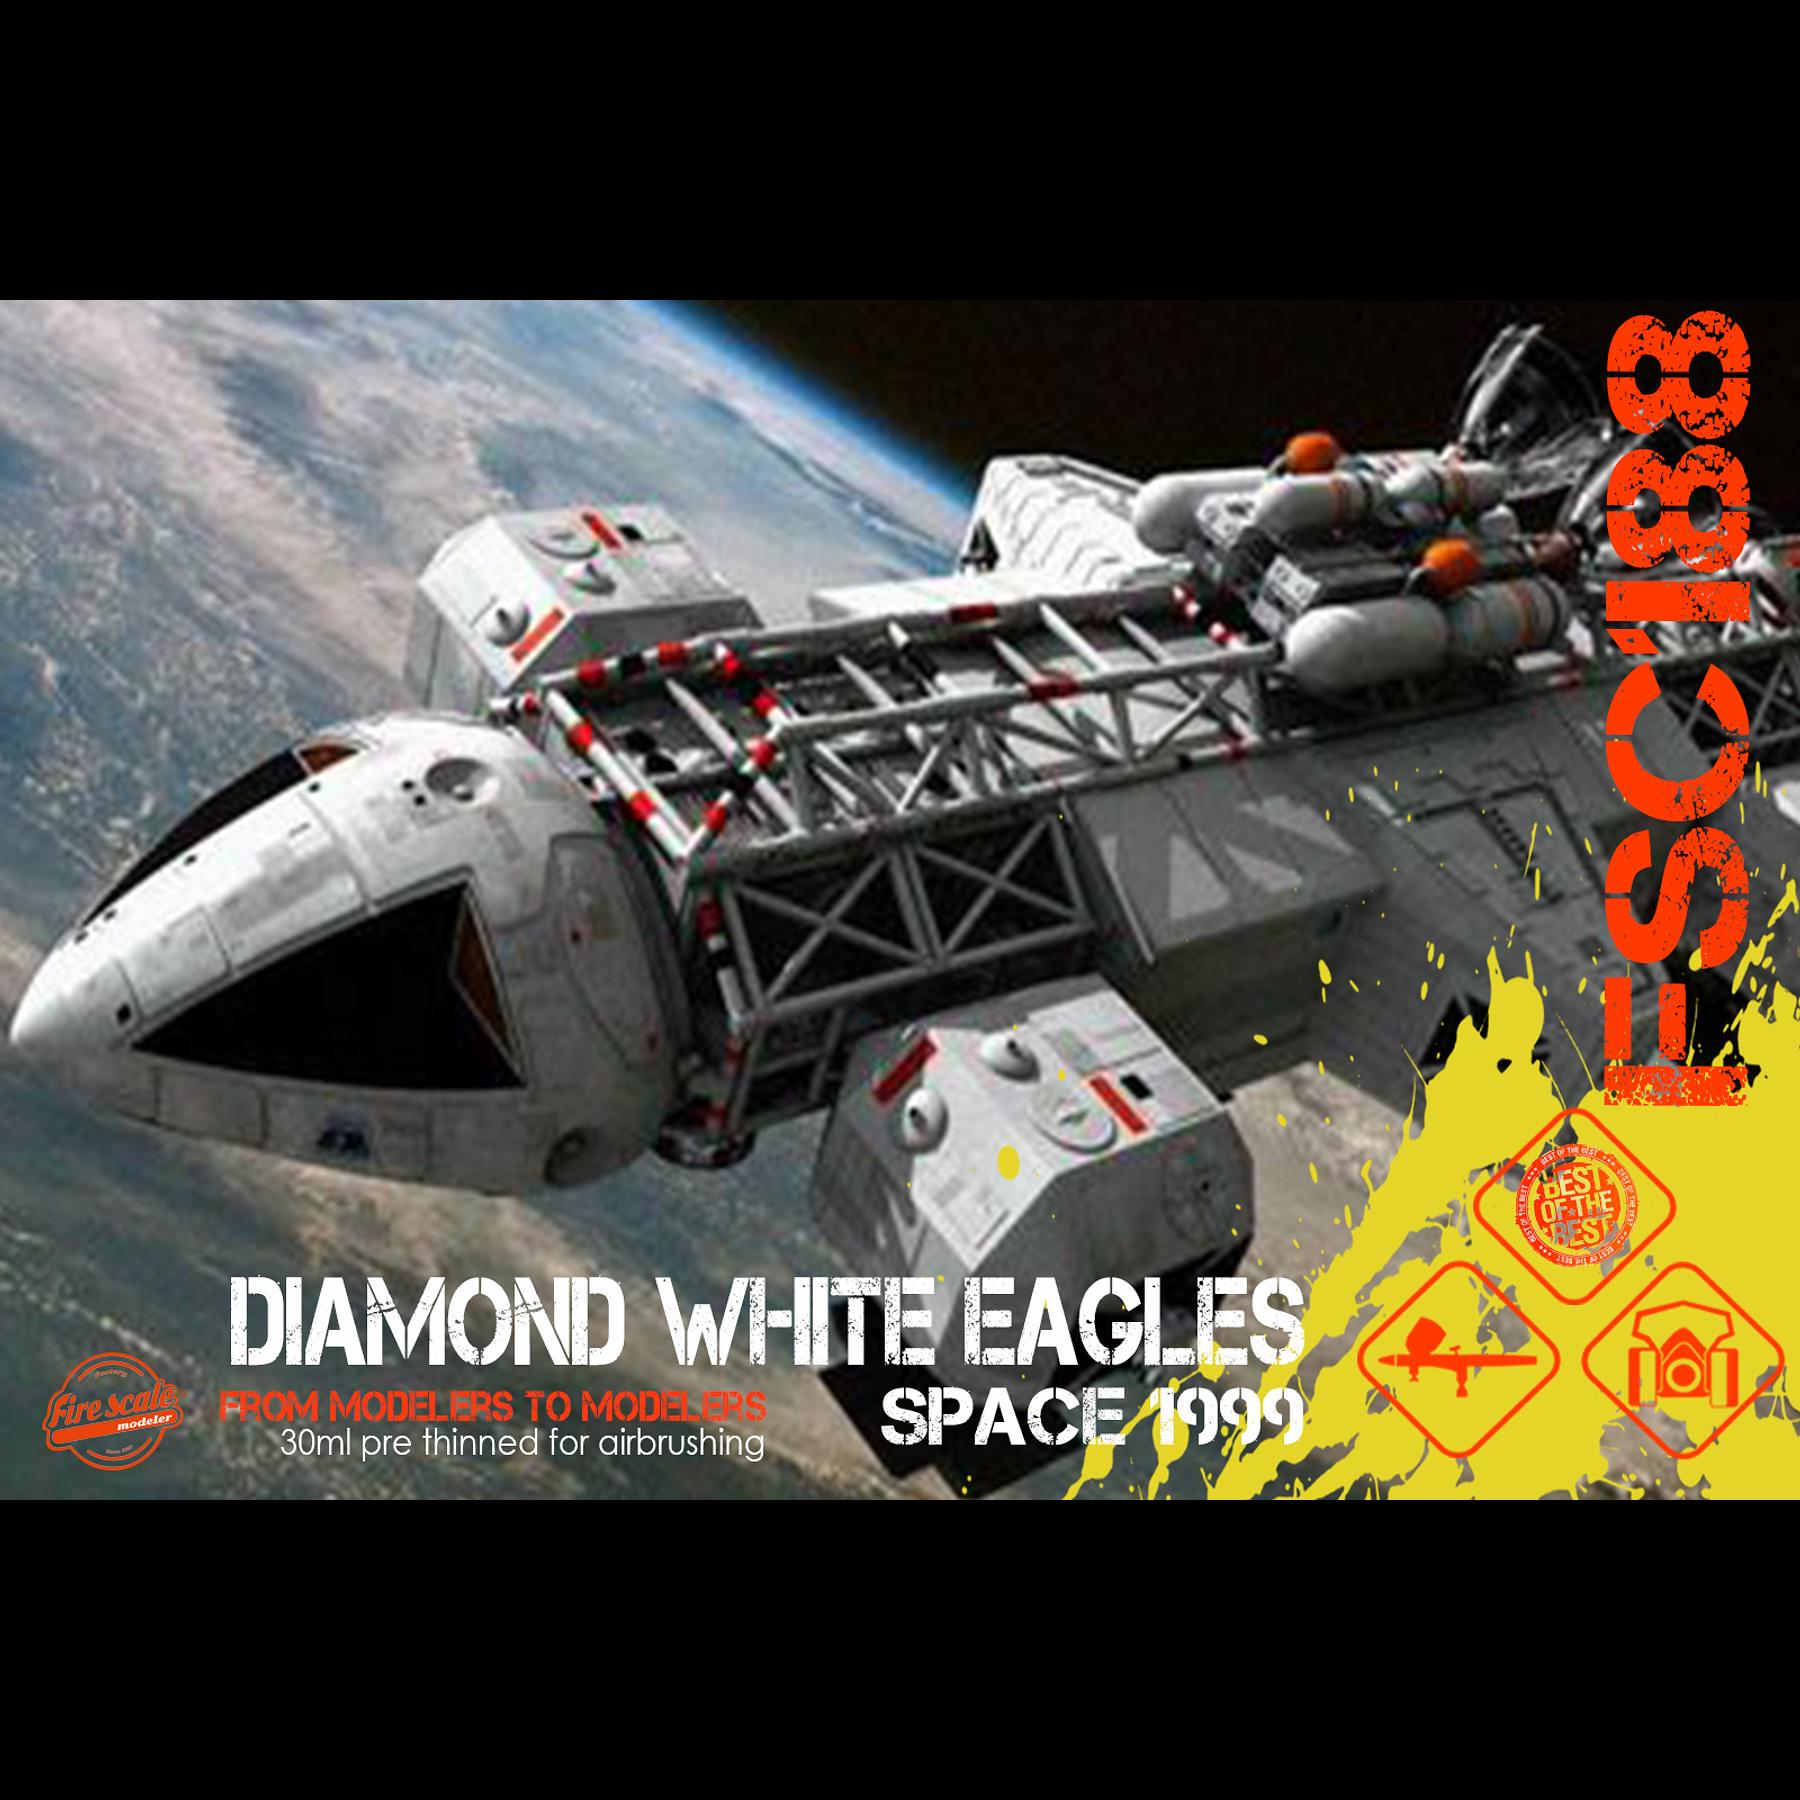 Diamond White Eagles Space 1999